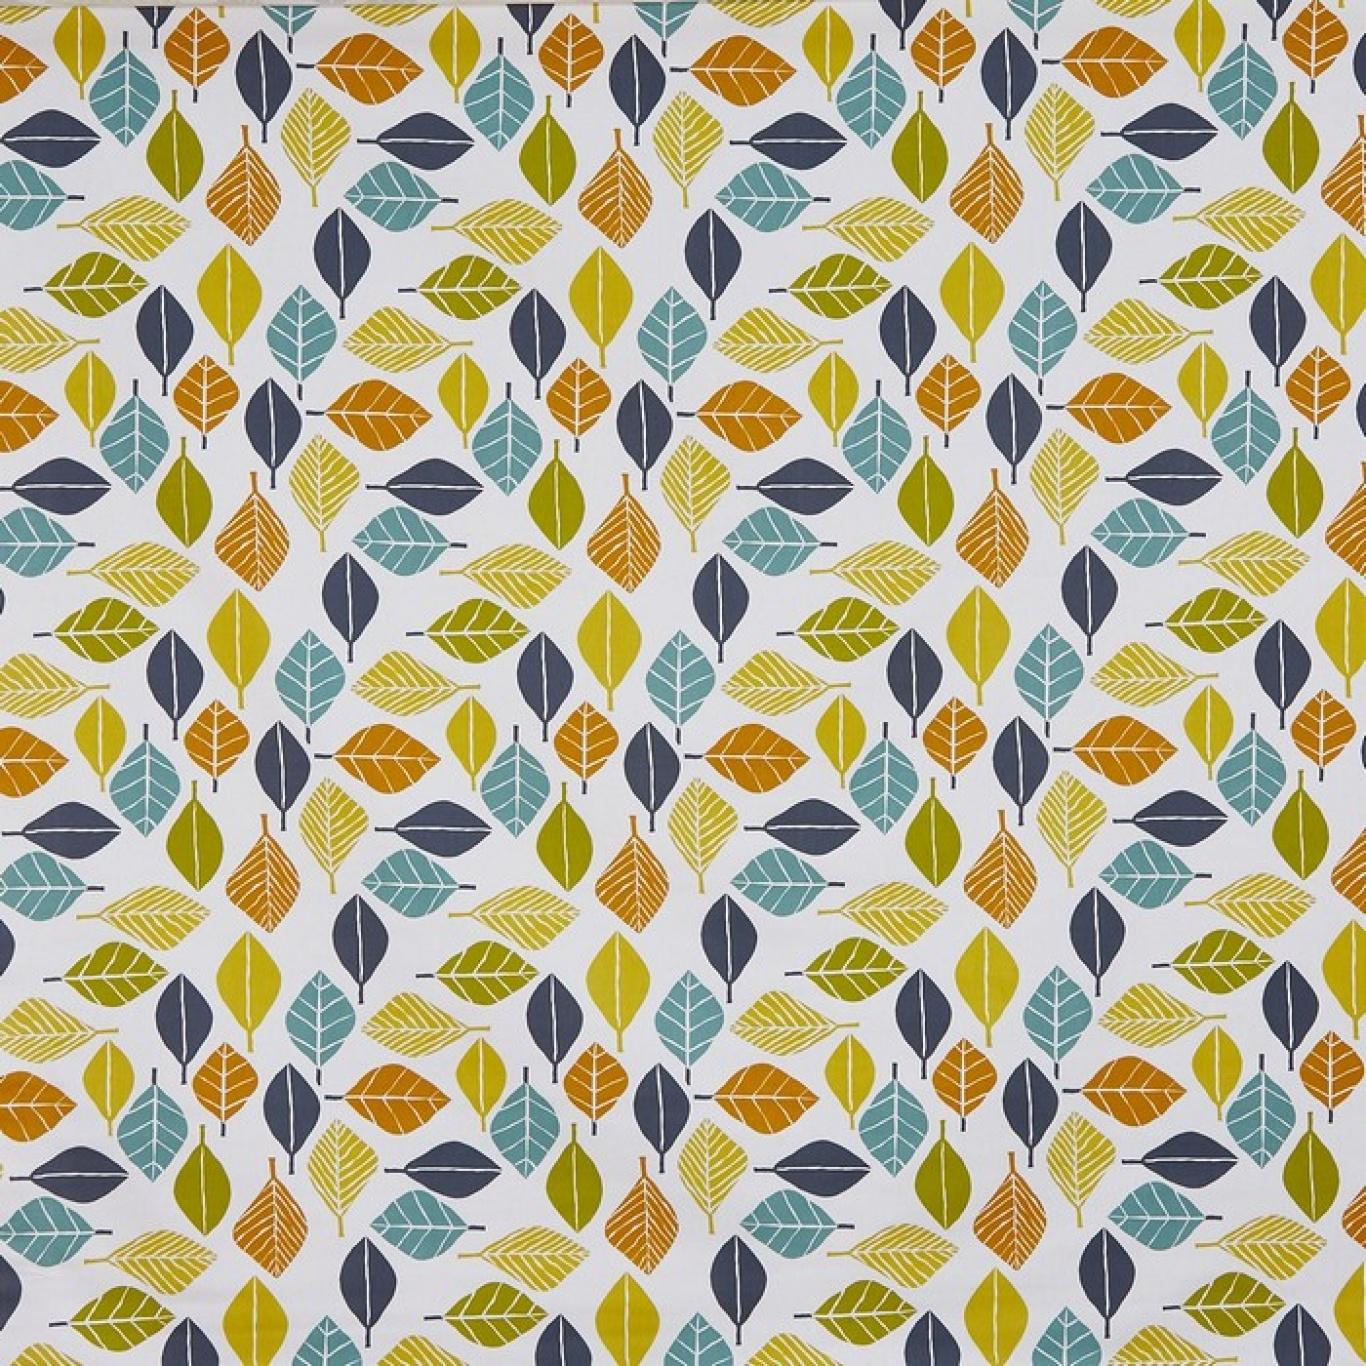 Image of Prestigious Fall Marmalade Curtain Fabric